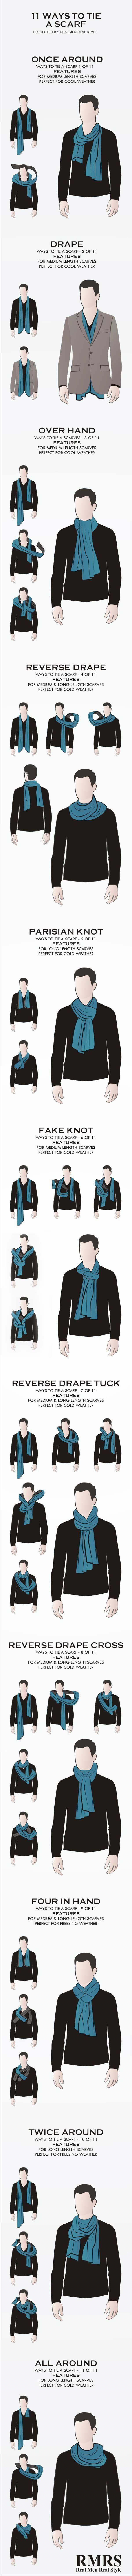 11 maneras de usar una bufanda para hombre (Infografía)